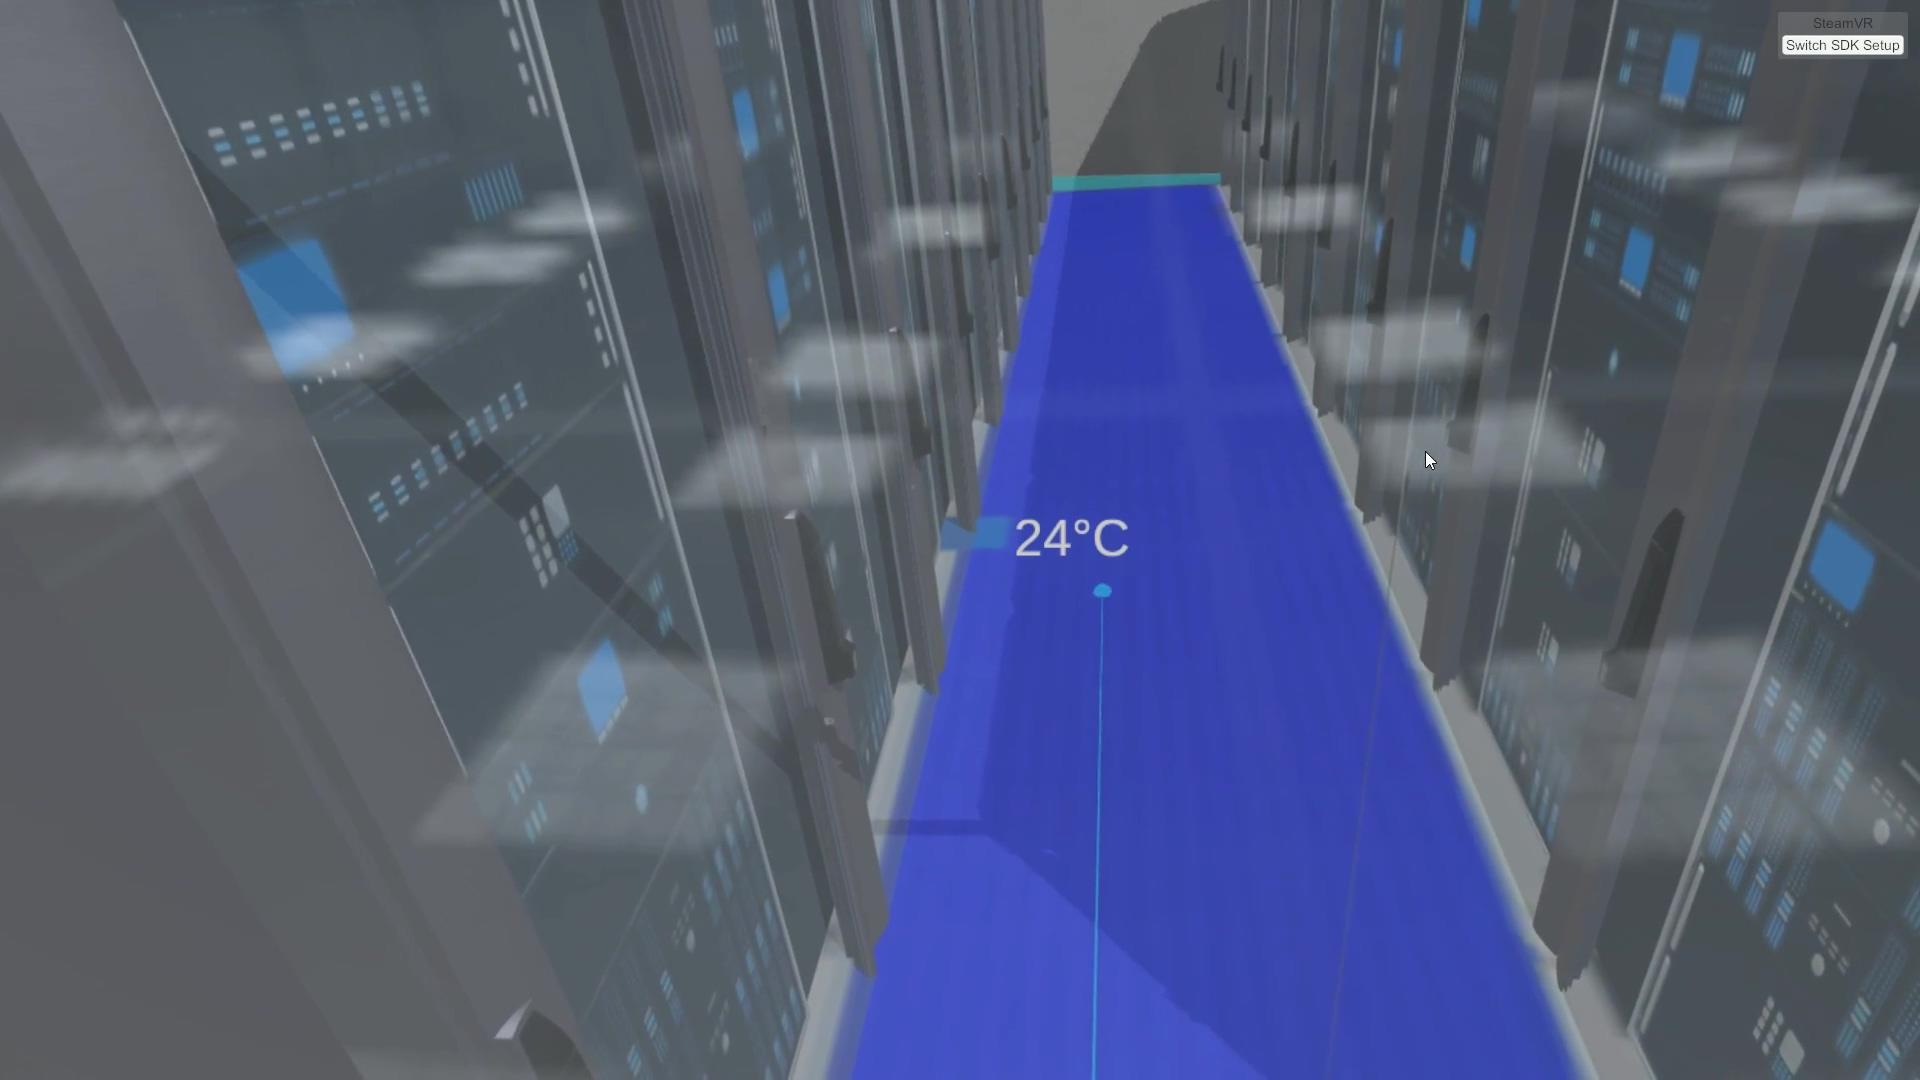 Digitale Rechenzentrumsplanung VR-Brille